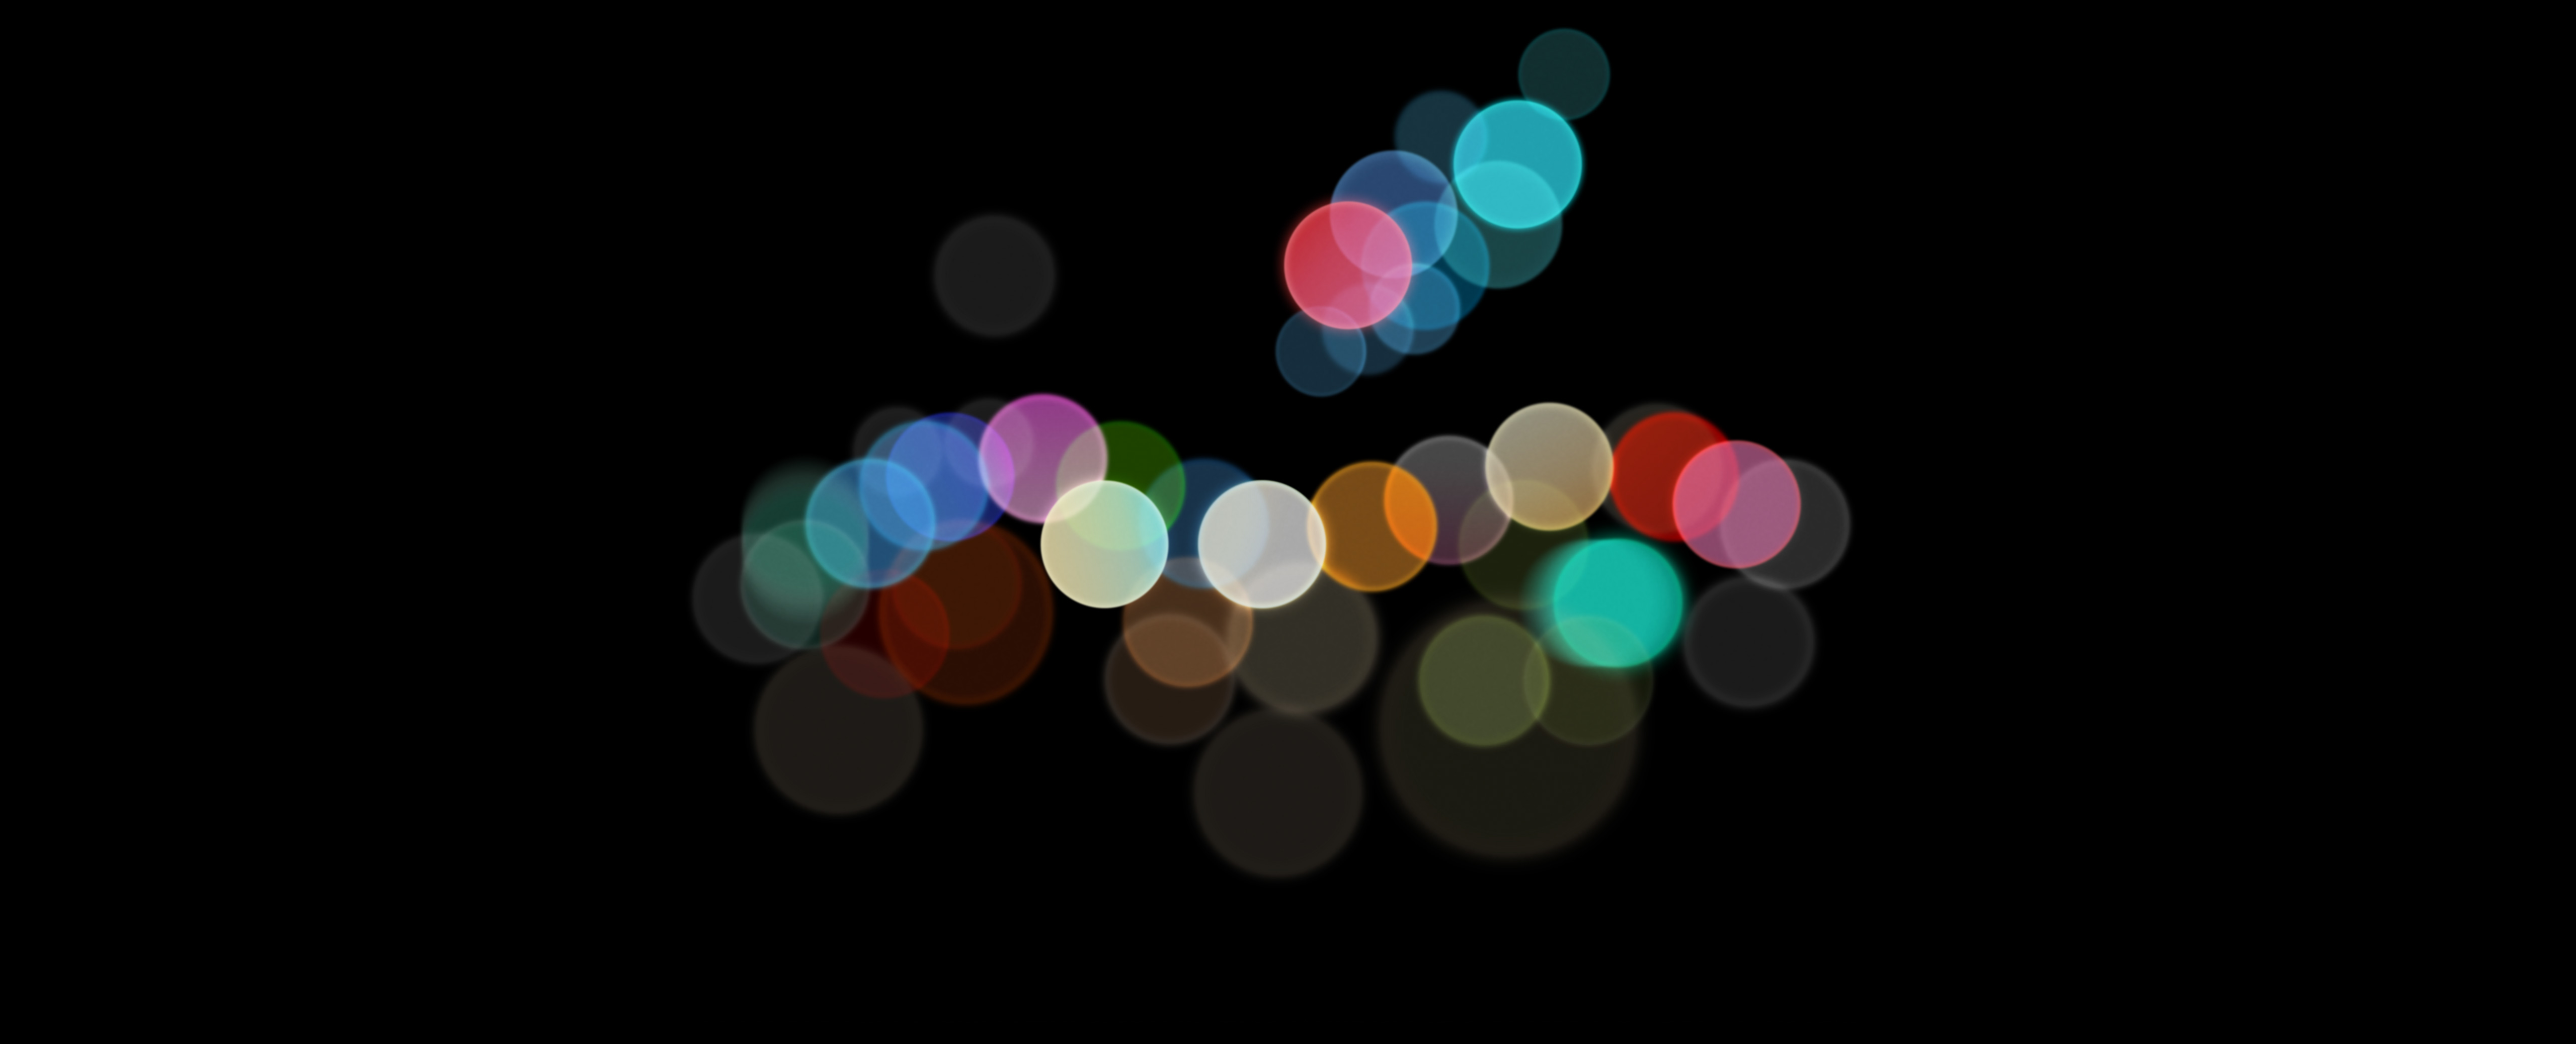 애플 스페셜 이벤트 미리보기 : 아이폰 7, 애플워치 2, 소프트웨어. 혹시 맥도?